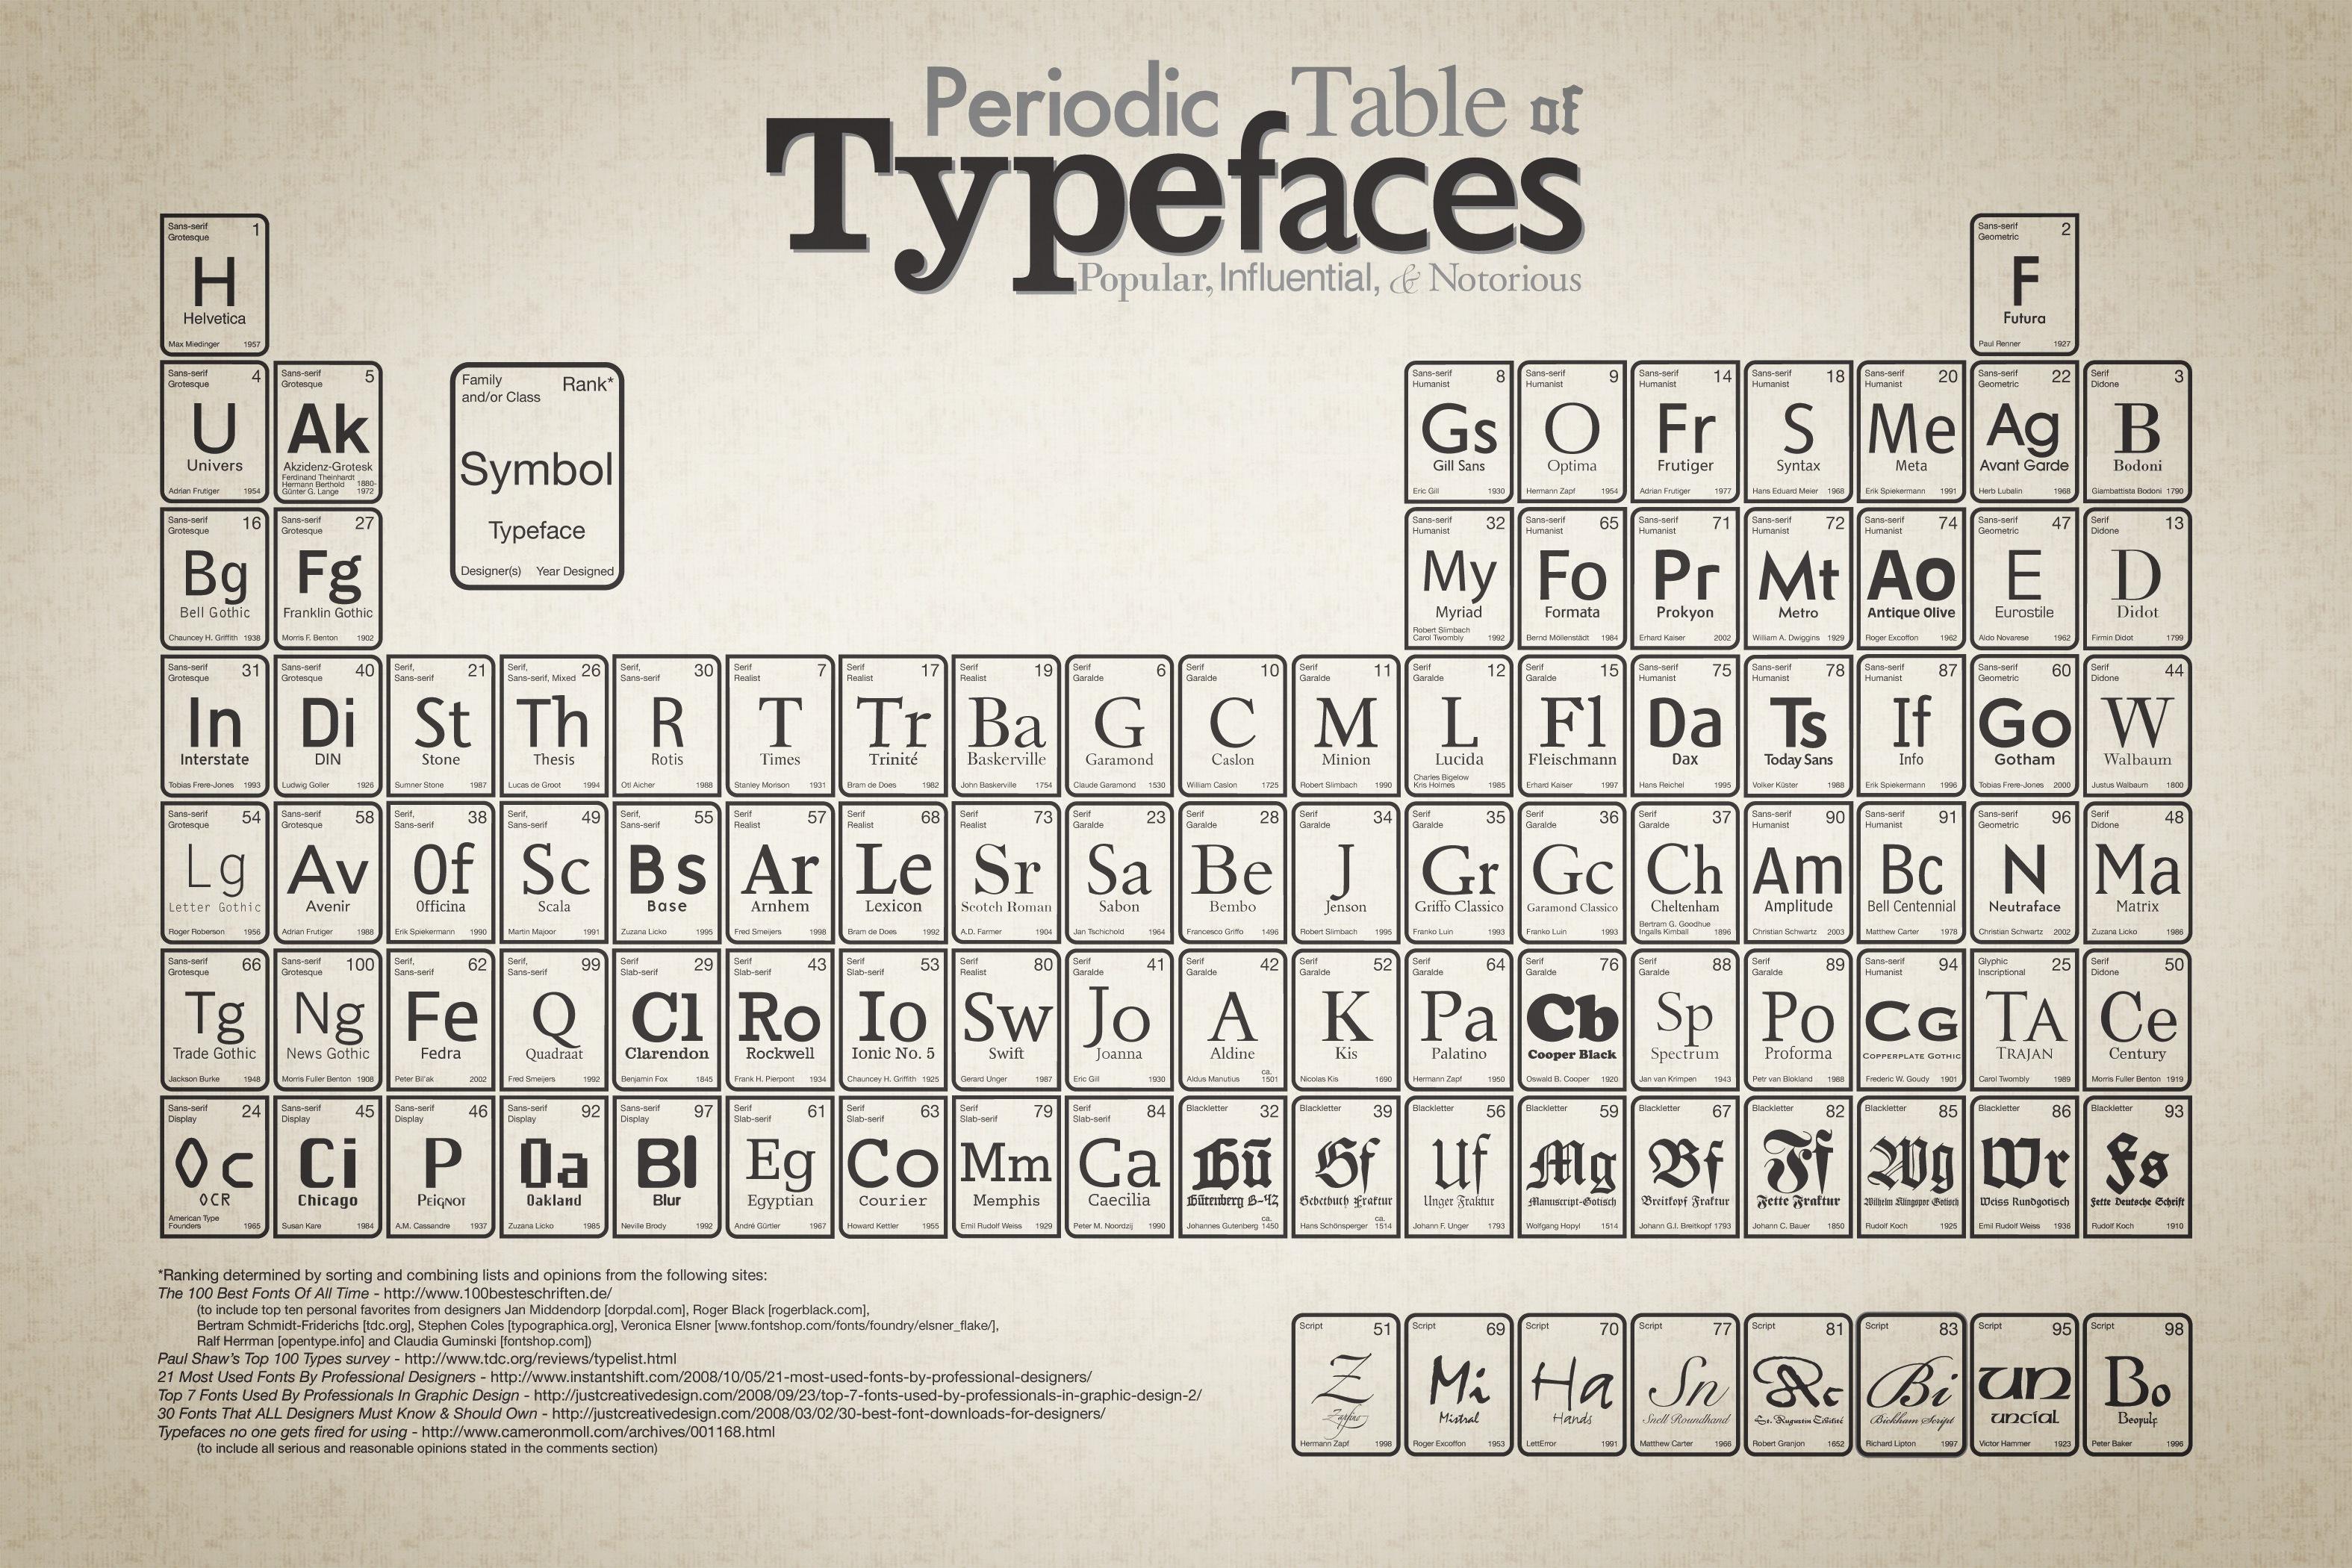 La tabla peridica de las tipografas david marin periodictableoftypefaceslarge urtaz Gallery